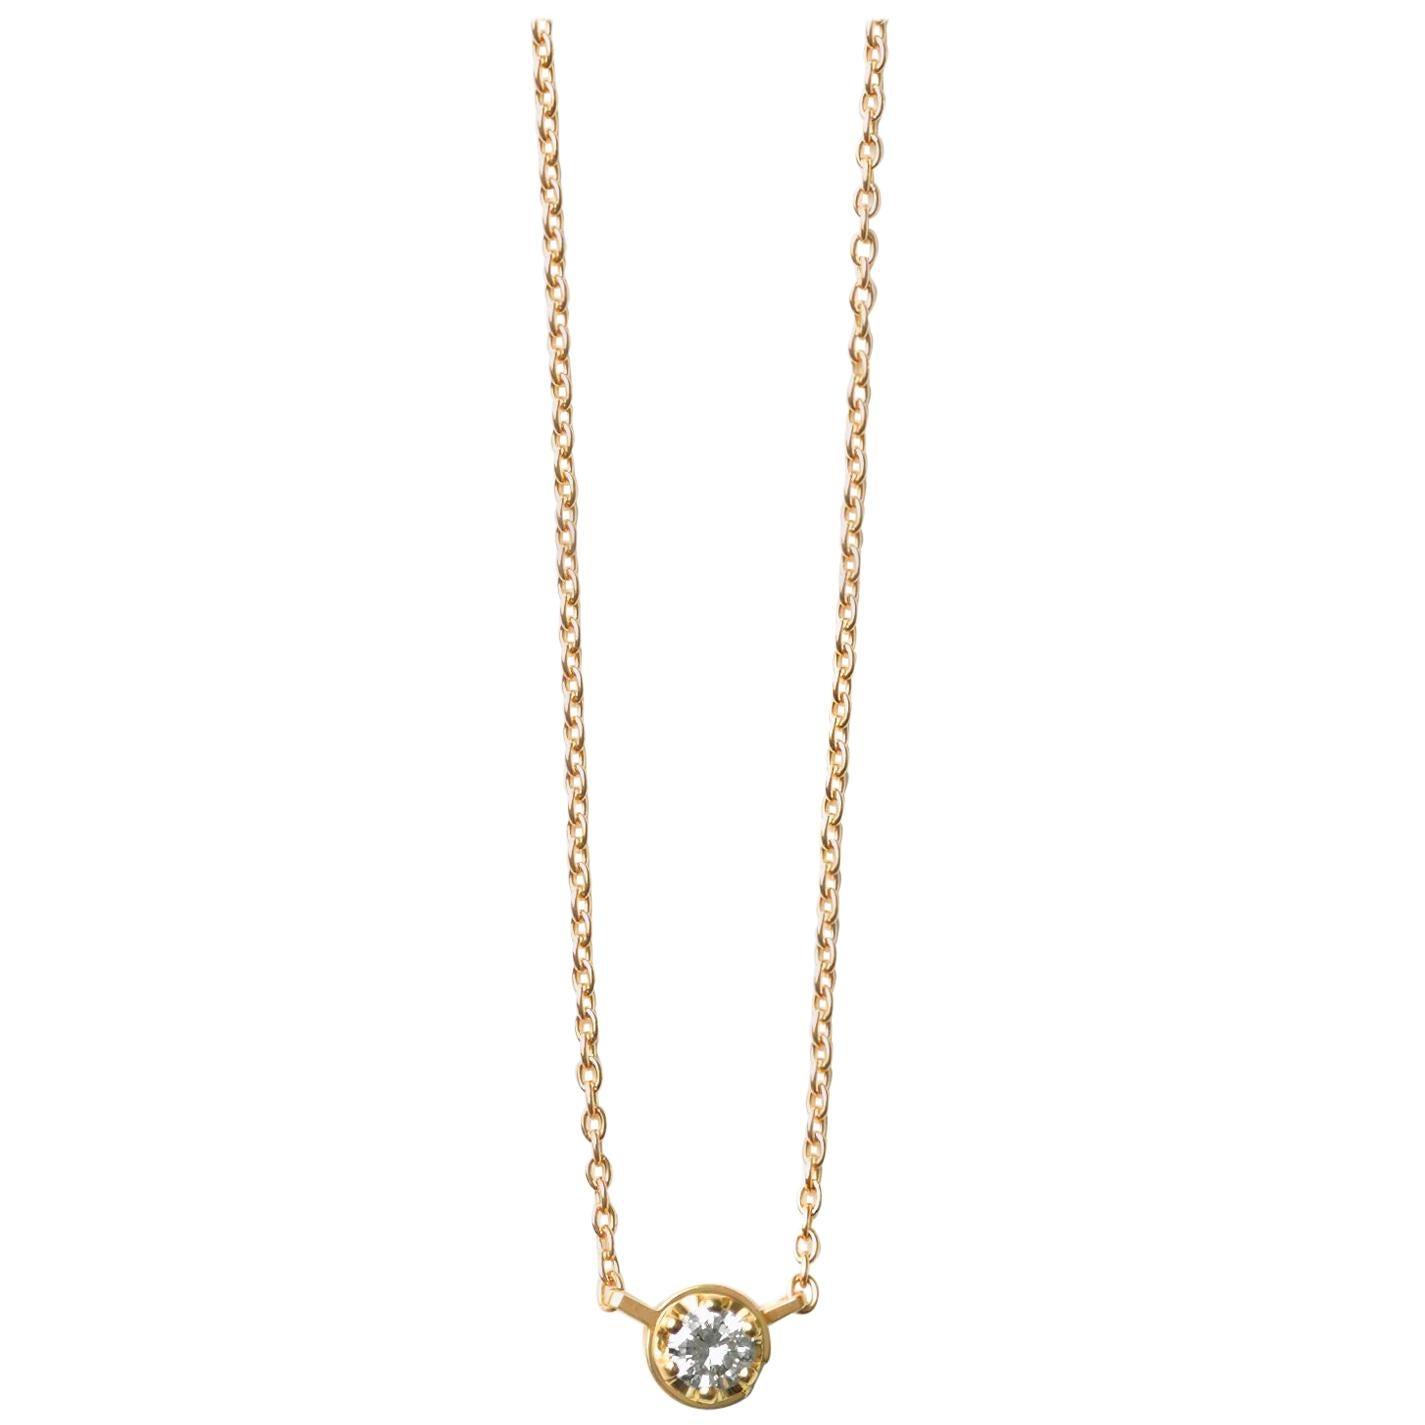 18 Karat Yellow Gold 0.2 Carat Diamond Necklace